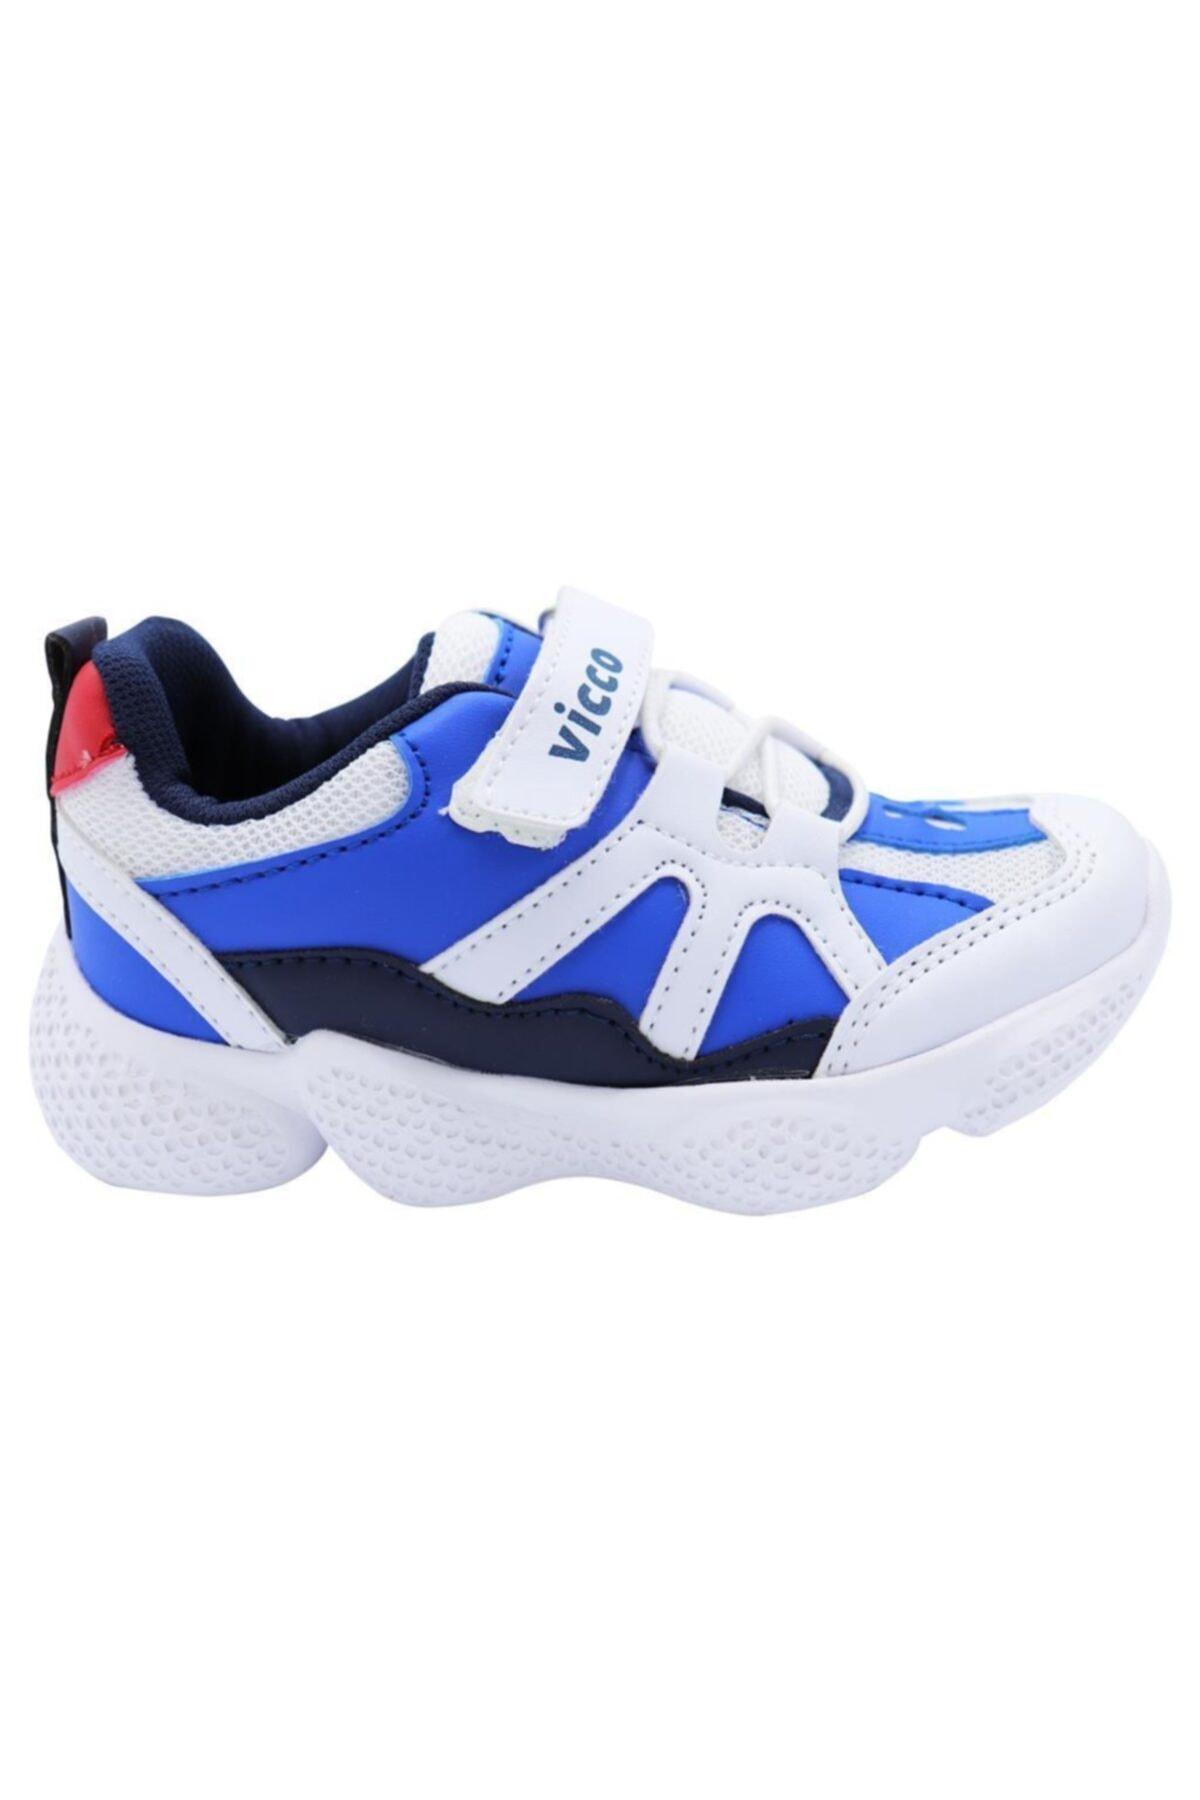 346.P19K.133 Beyaz Erkek Çocuk Koşu Ayakkabısı 100578800